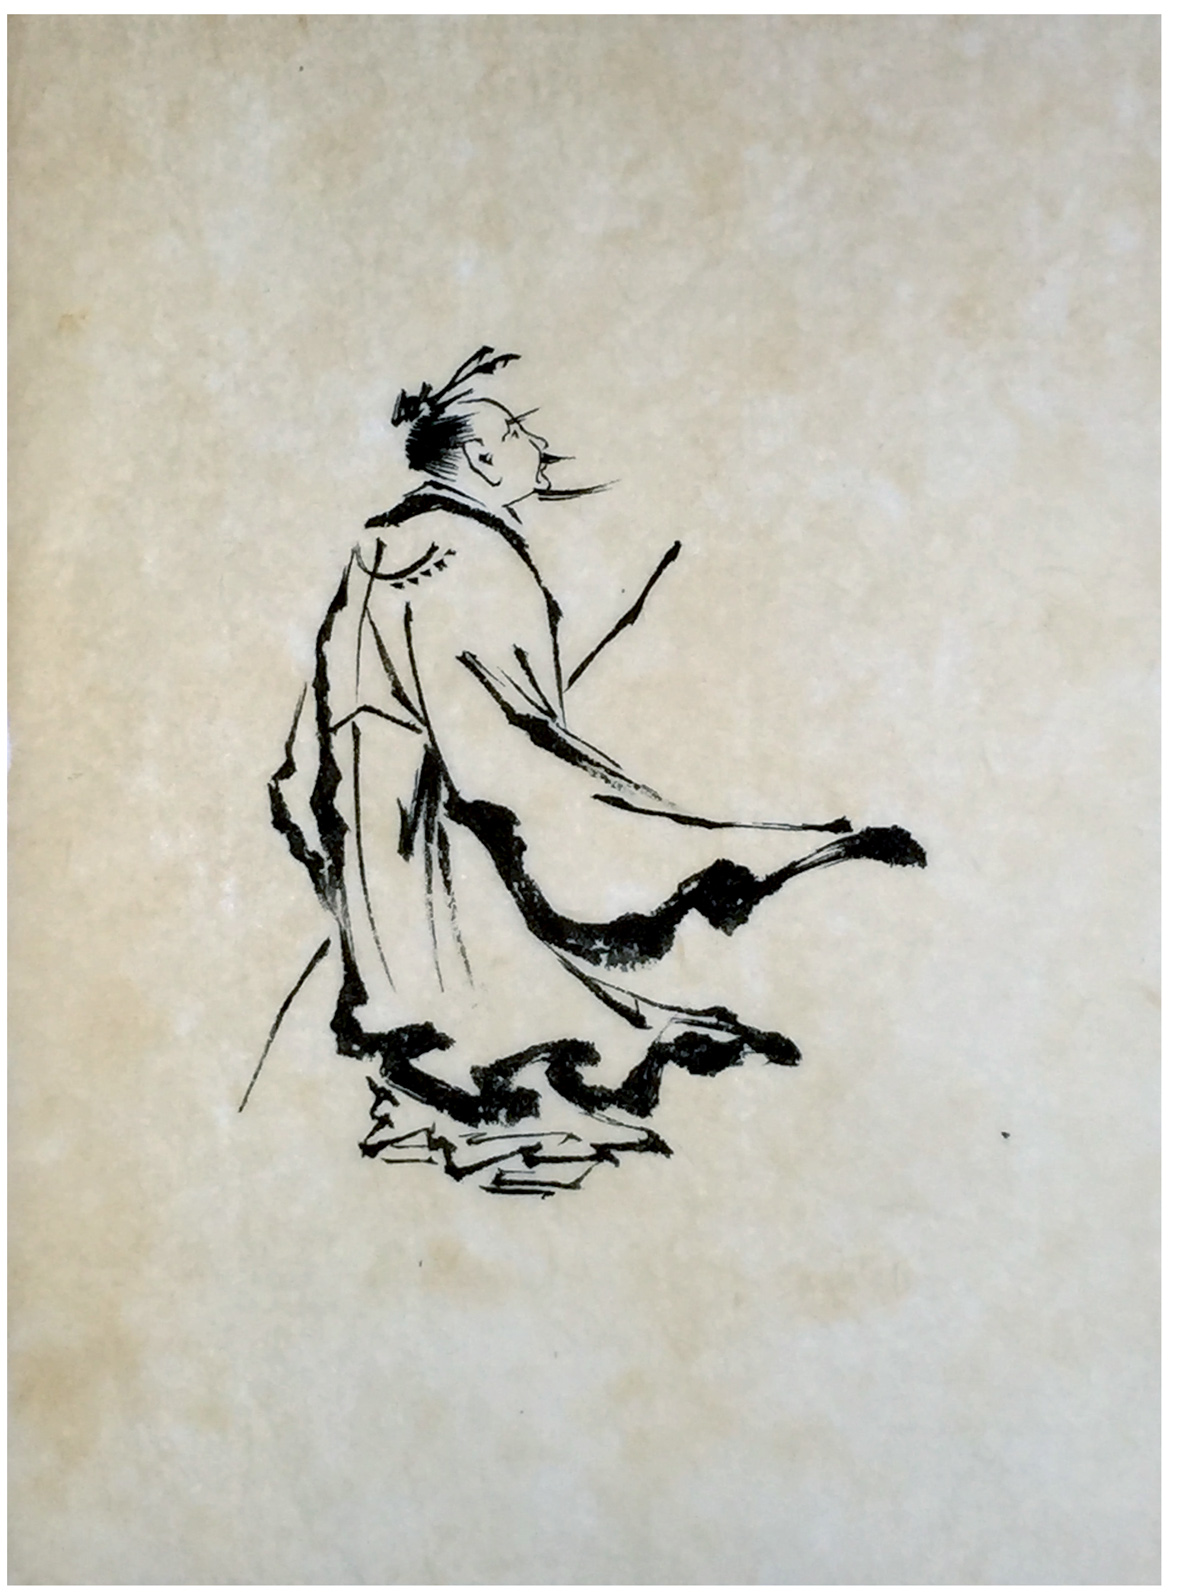 La imagen muestra un dibujo de un hombre visto de espaldas, aunque podemos ver su rostros de perfil. En la mano izquierda lleva una larga caña de bambú, tapada en parte por sus ropajes, que se agitan, del mismo modo que lo hace el lazo de su moño y su barba, agitados por un fuerte viento. Pulse para ampliar